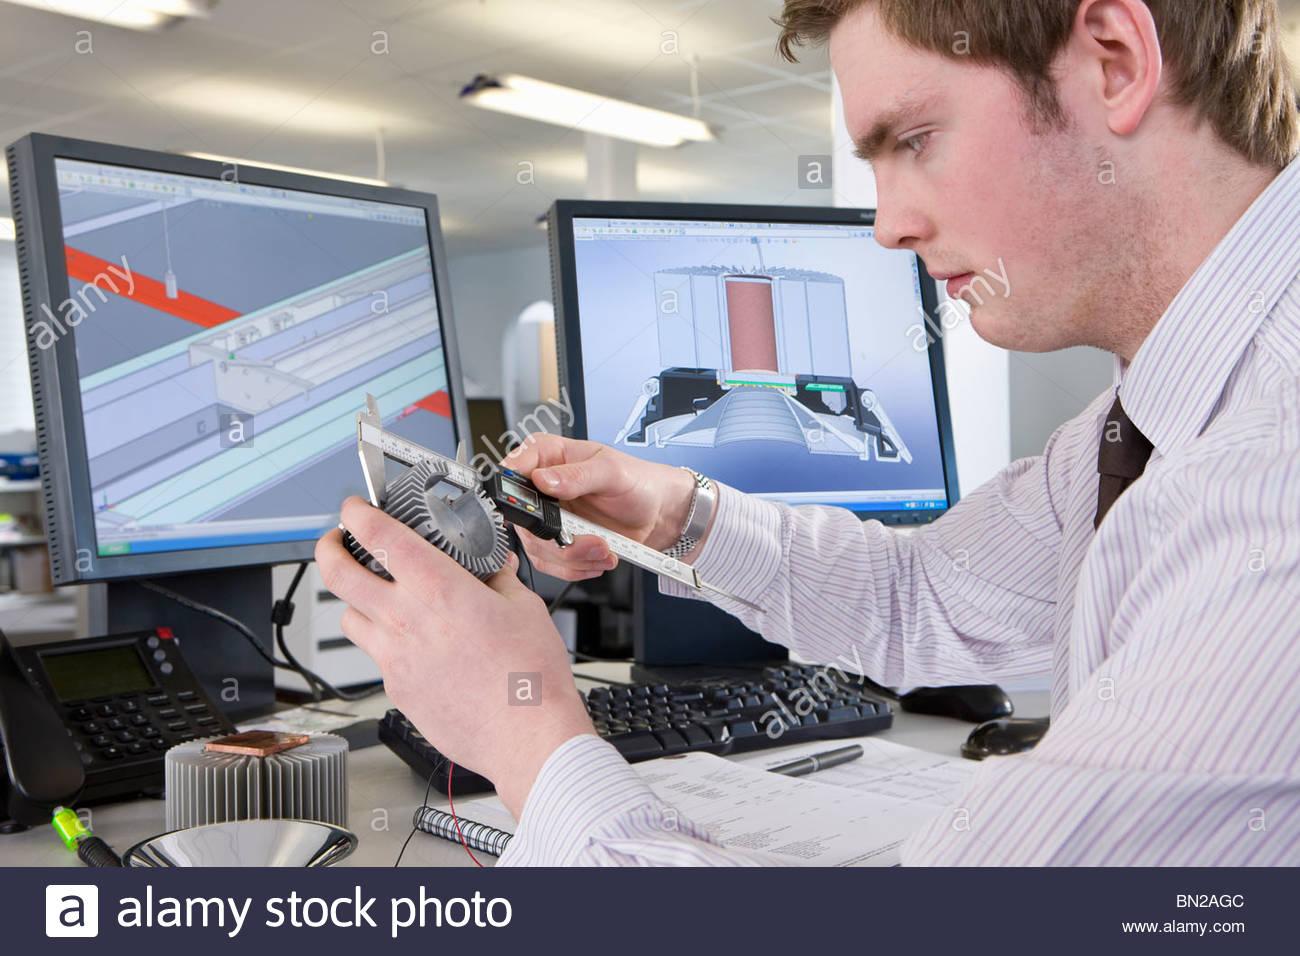 CAD designer measuring part at desk in office - Stock Image